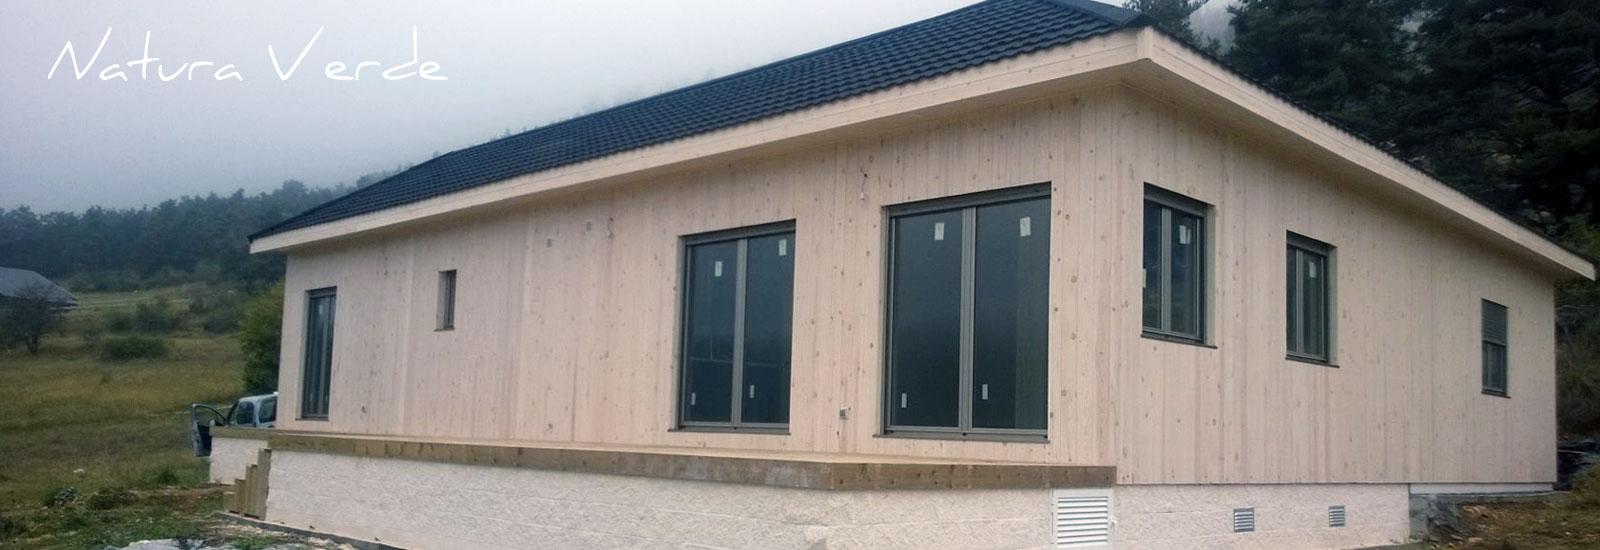 casas-modulares-1600x65010b